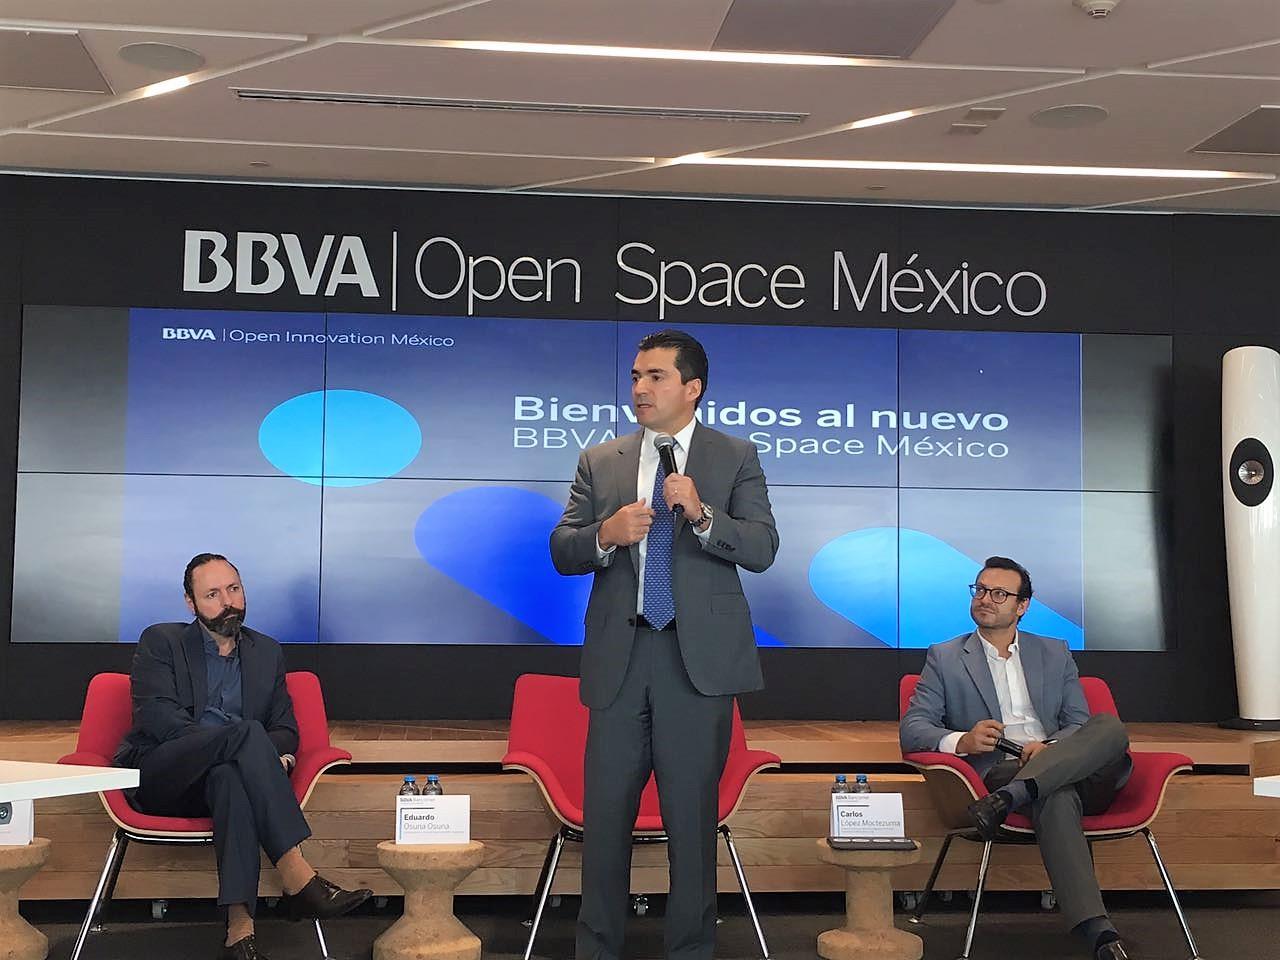 Banca busca aliarse con startups para definir el futuro fintech de México